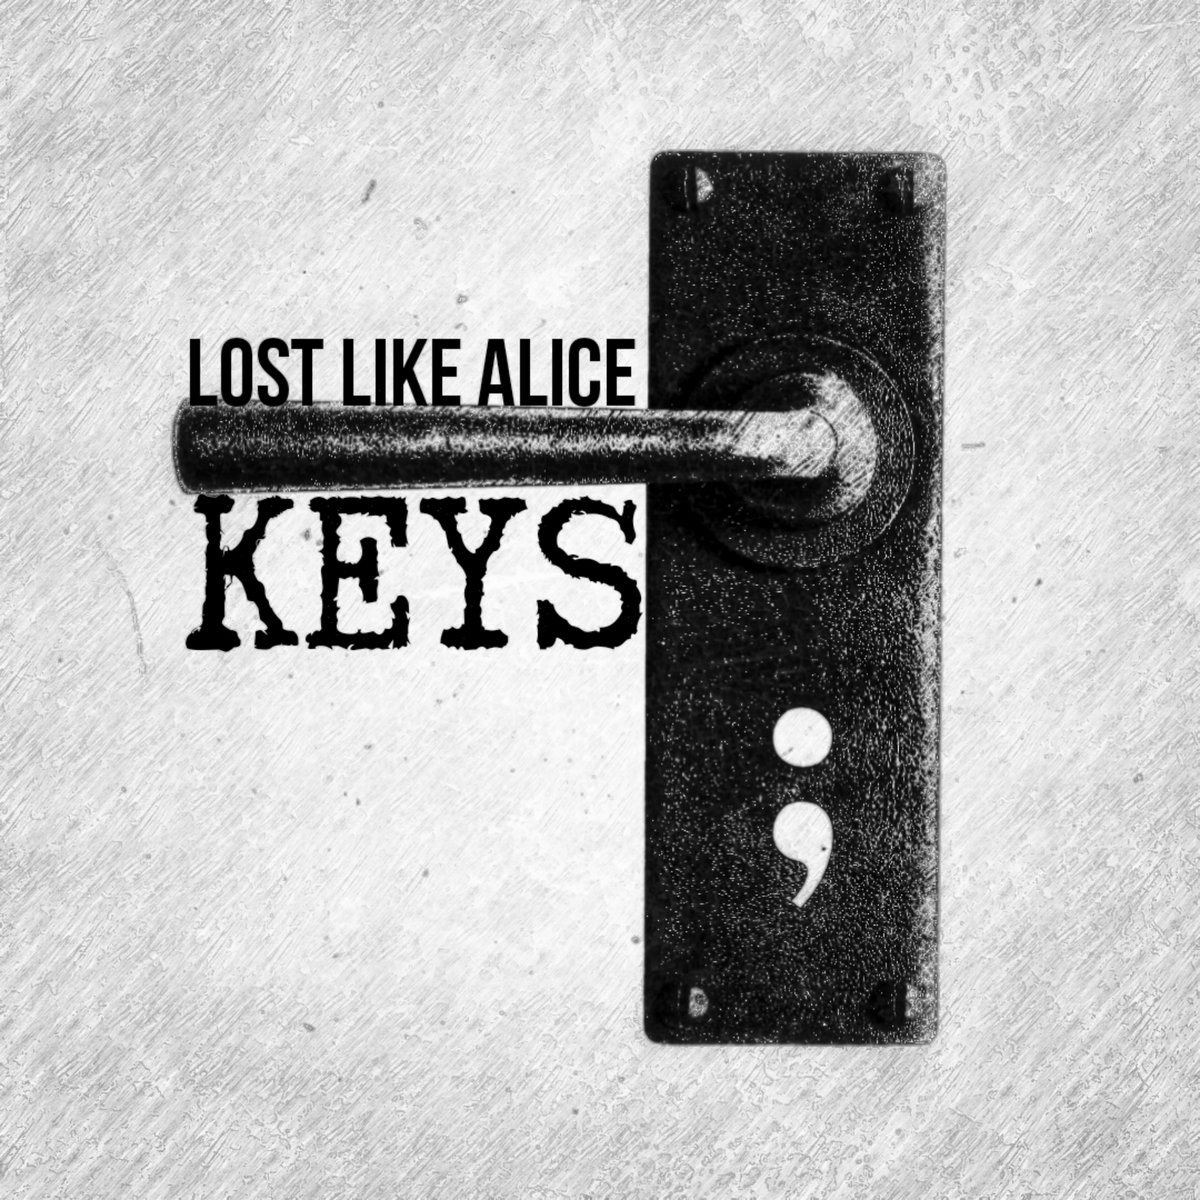 Keys by Lost Like Alice